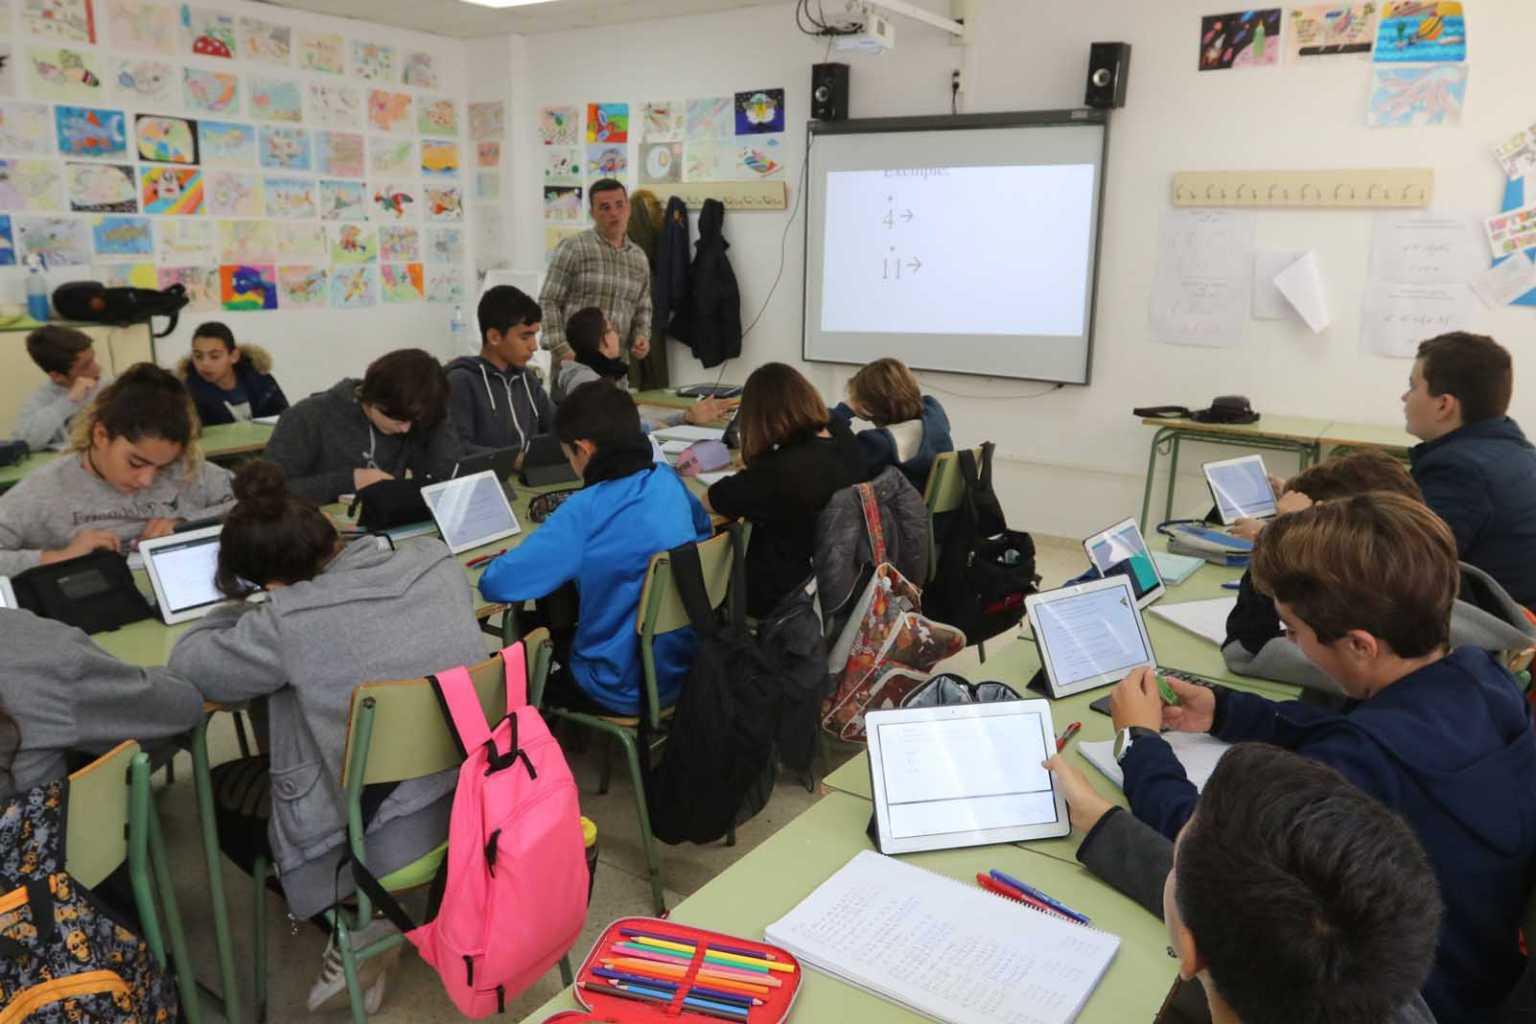 Estudiants de l'institut Quartó de Portmany treballen amb tauletes i una pisarra digital (2017). J. A. Riera